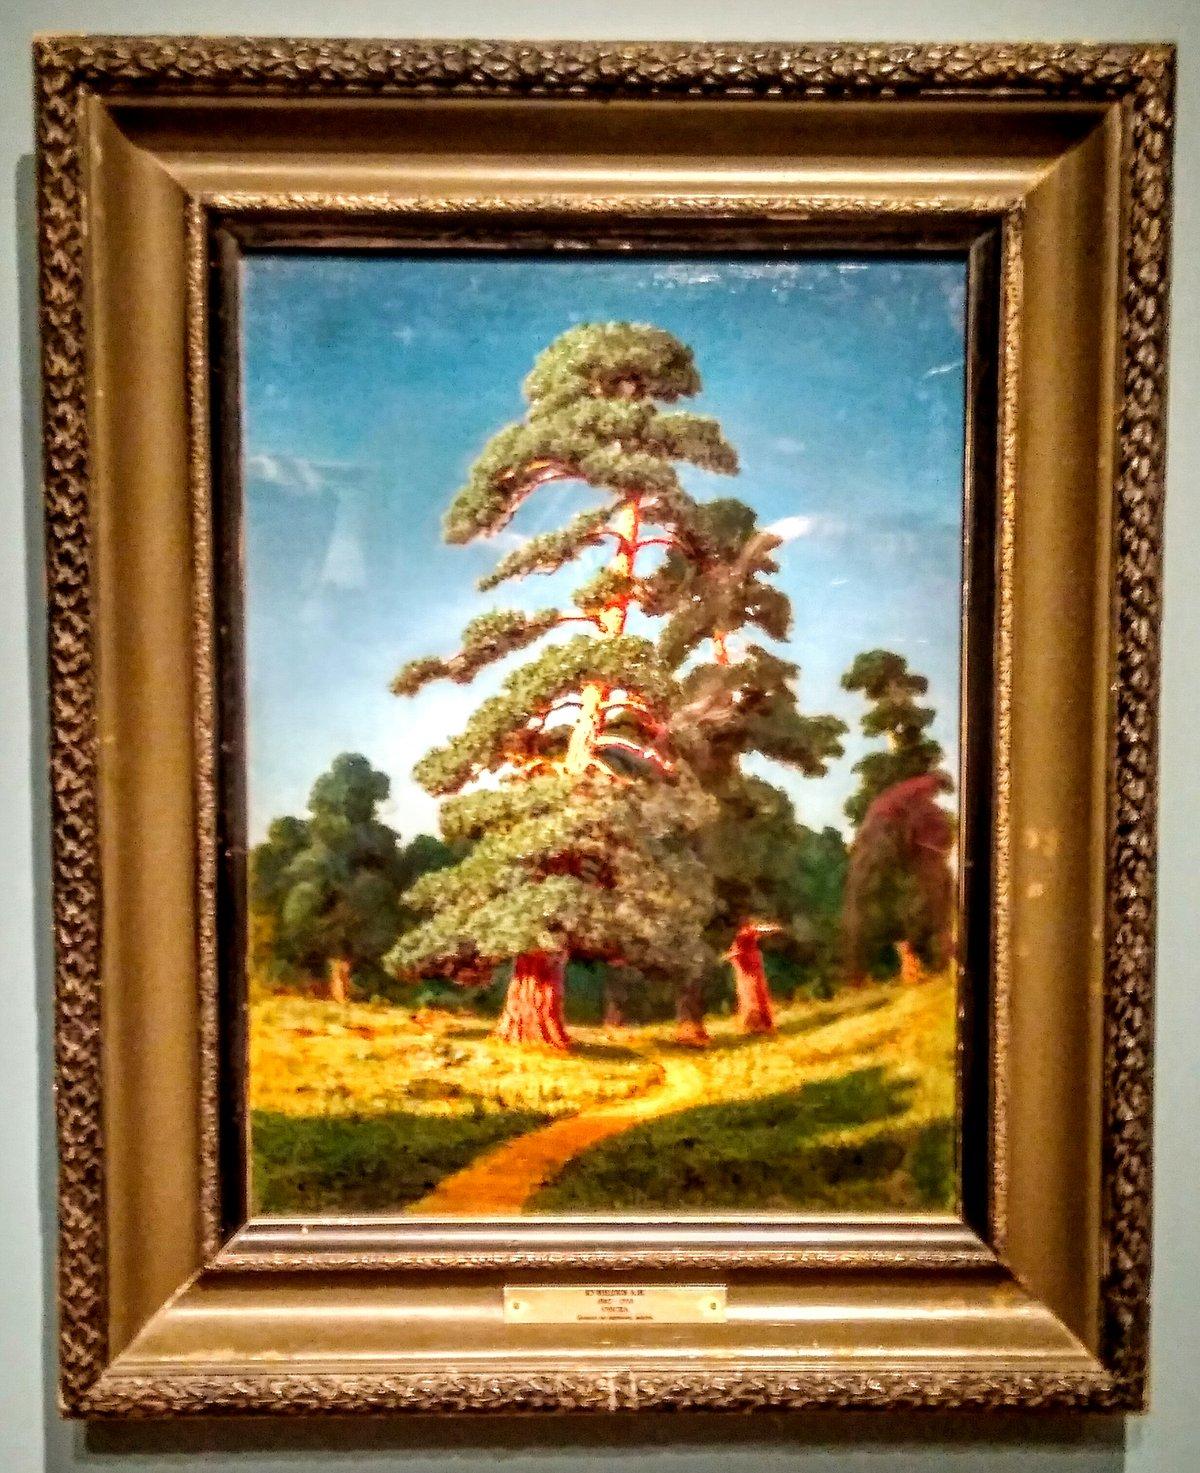 поиске третьяковская галерея картины фото одинокие сосны отдых горах обязательно